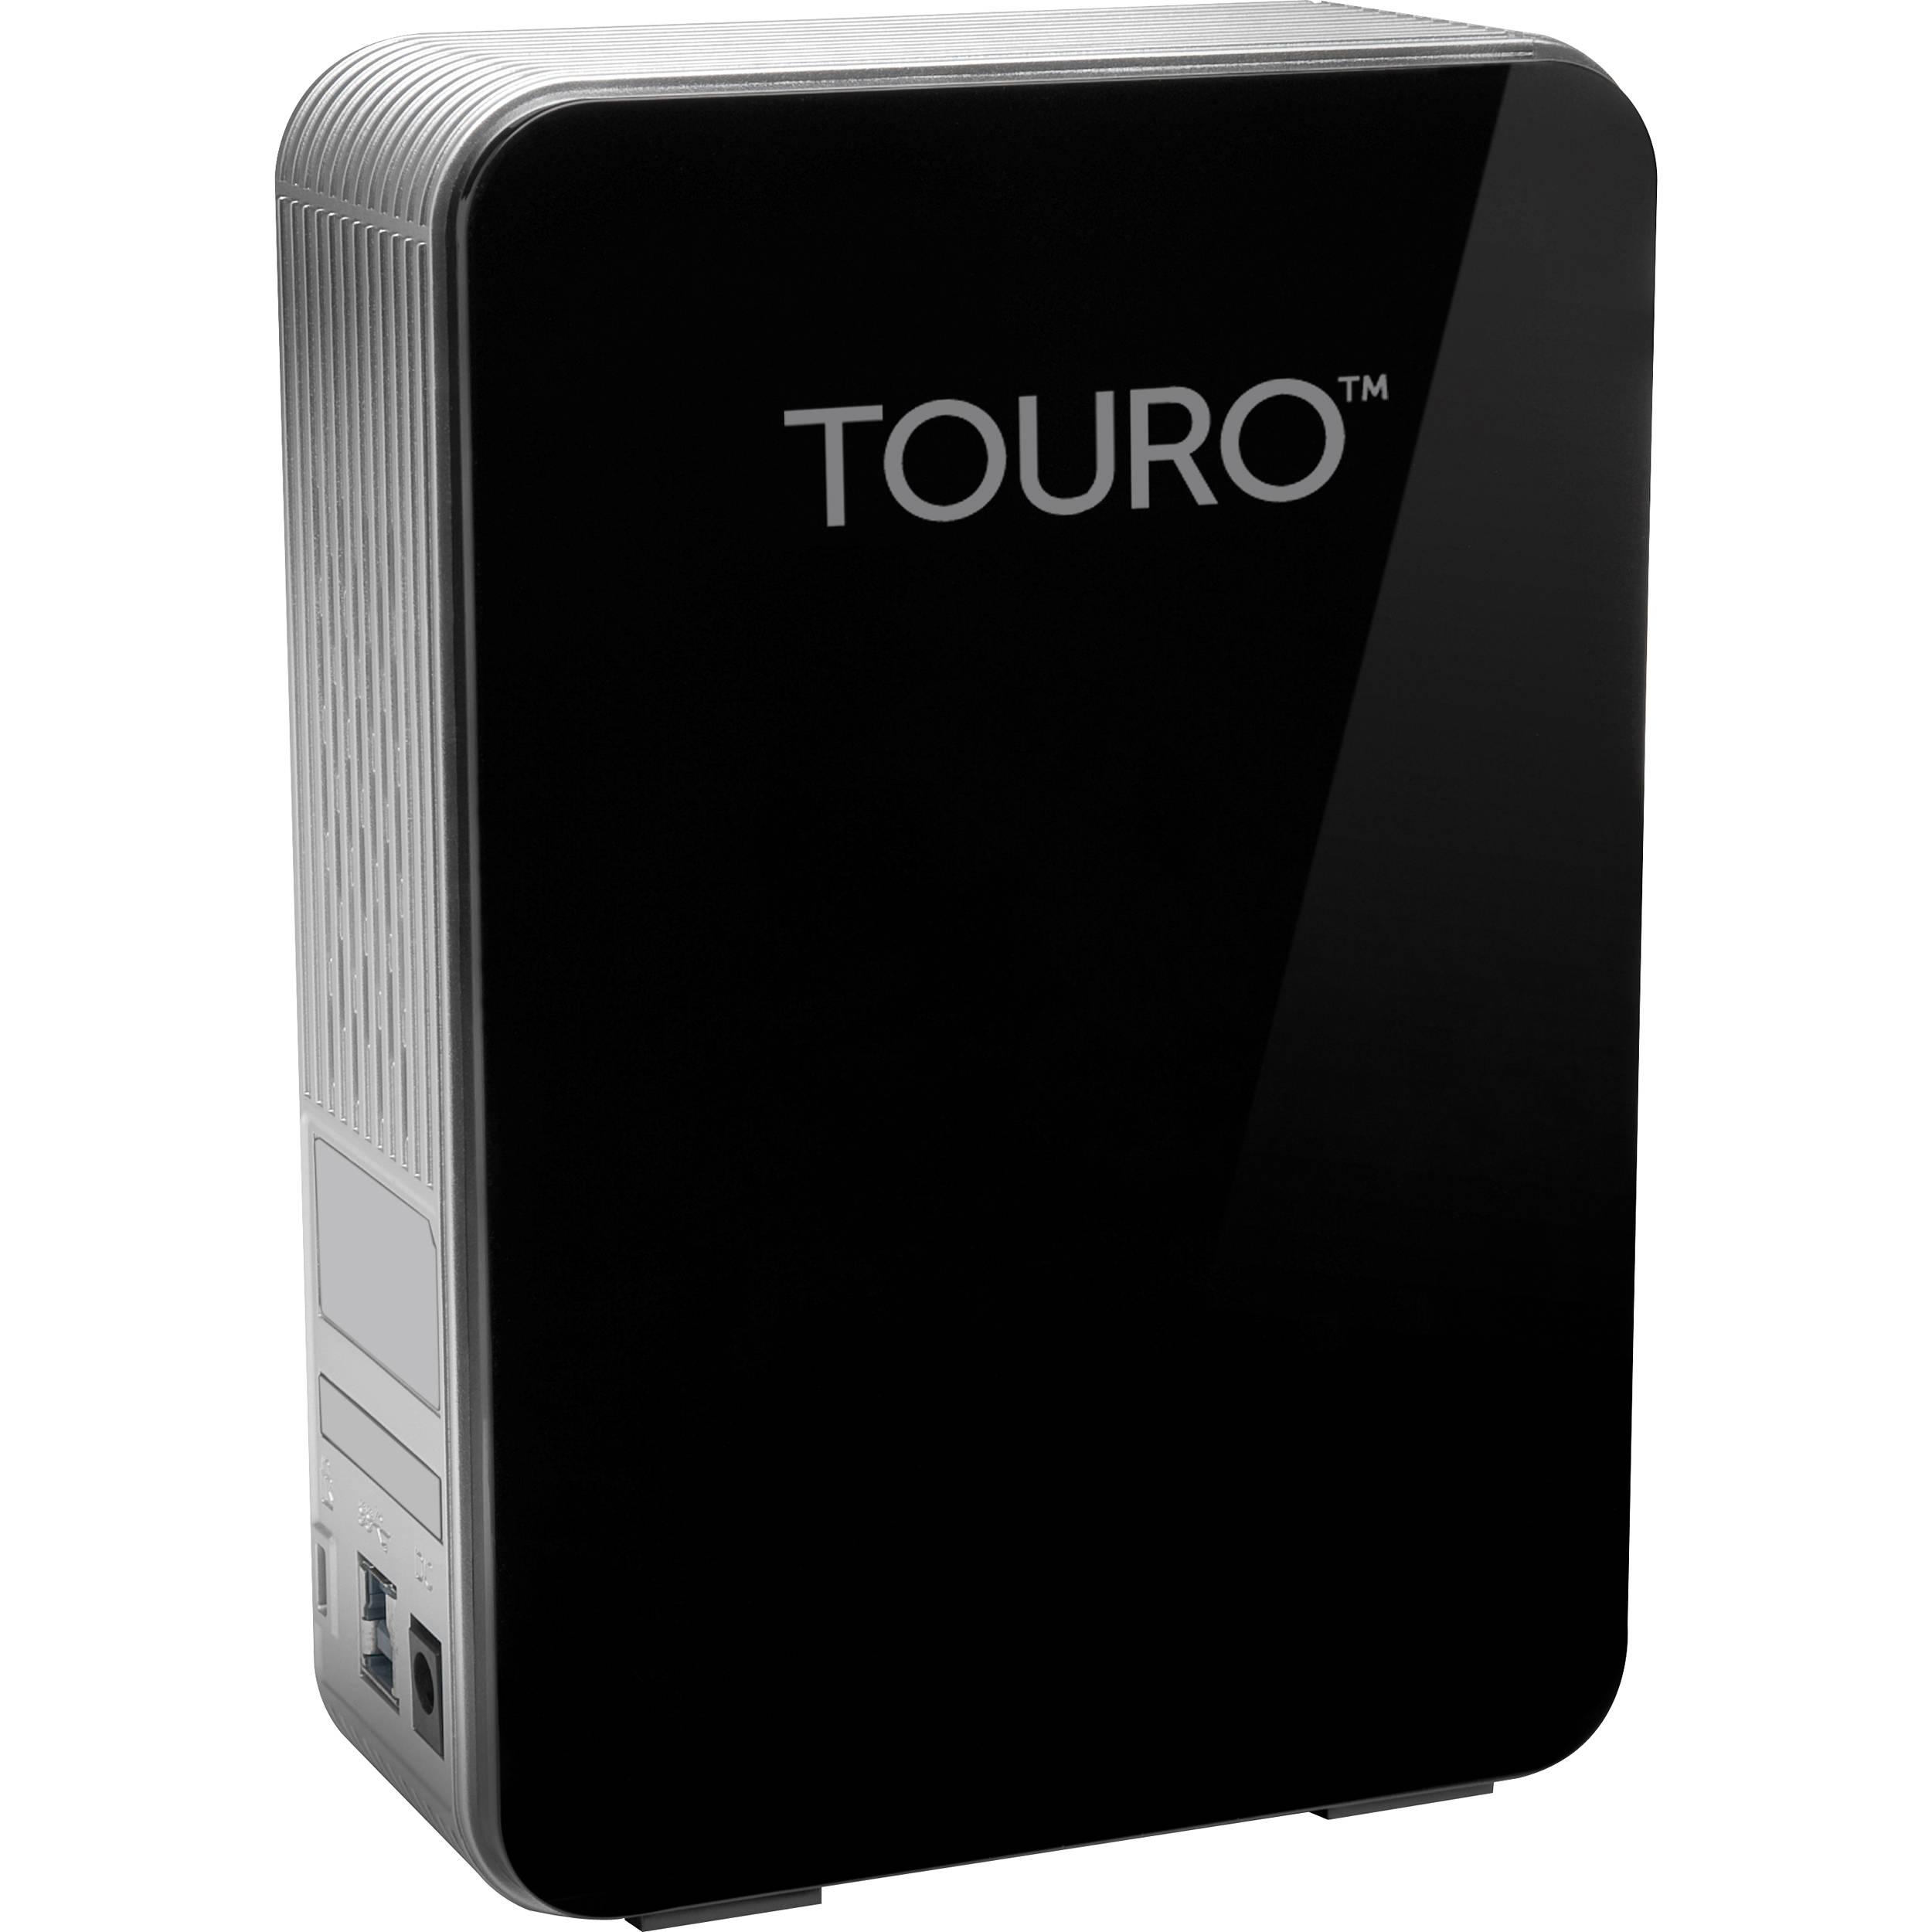 hitachi 2tb hard drive. hgst 2tb touro desk pro usb 3.0 hard disk drive (black) hitachi 2tb